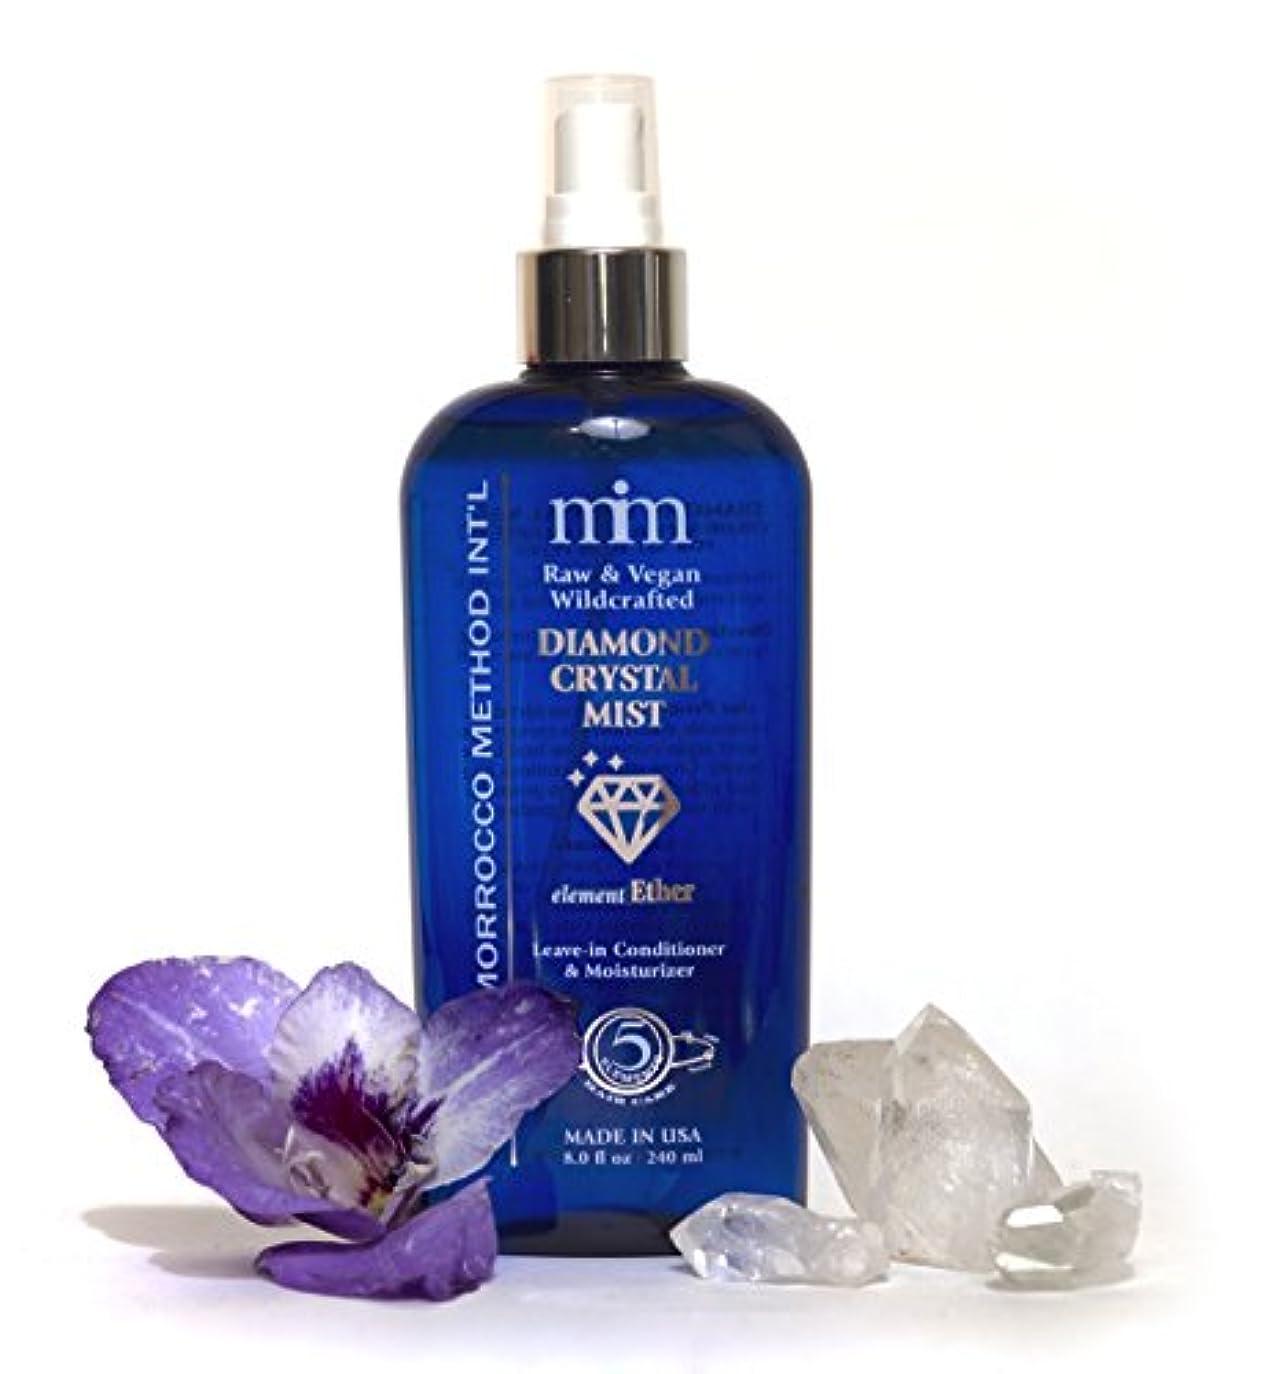 懇願する脇に極めてMorrocco Method Diamond Crystal Mist Conditioner 240 ml - 8 oz [Misc.]